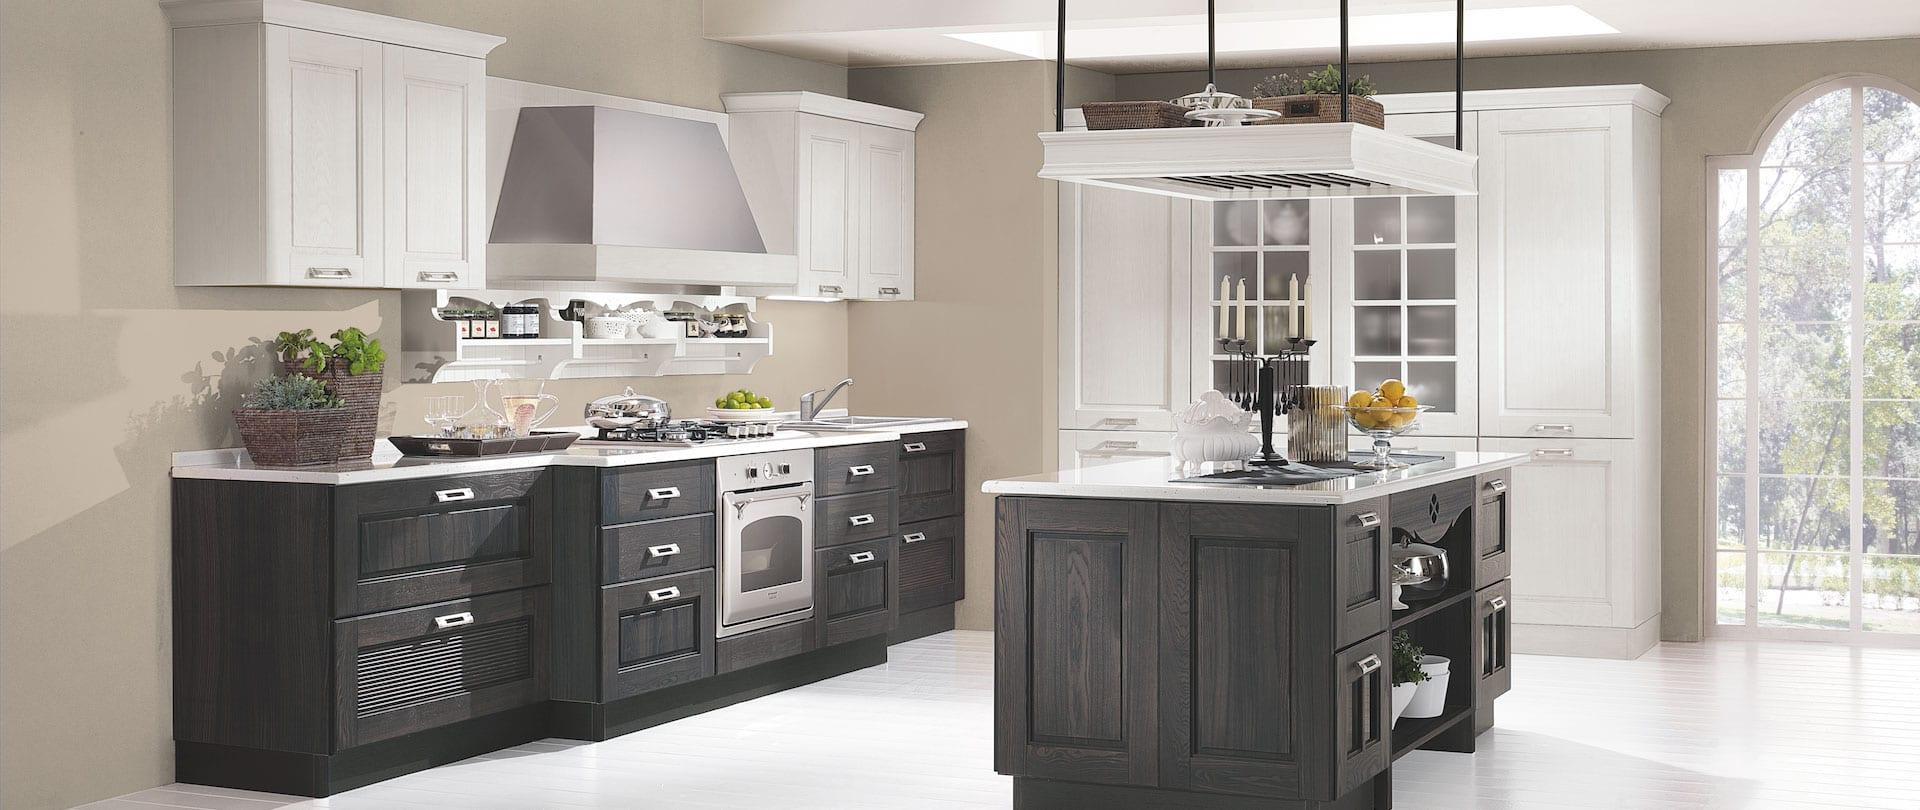 03-cucina-elegante-classica